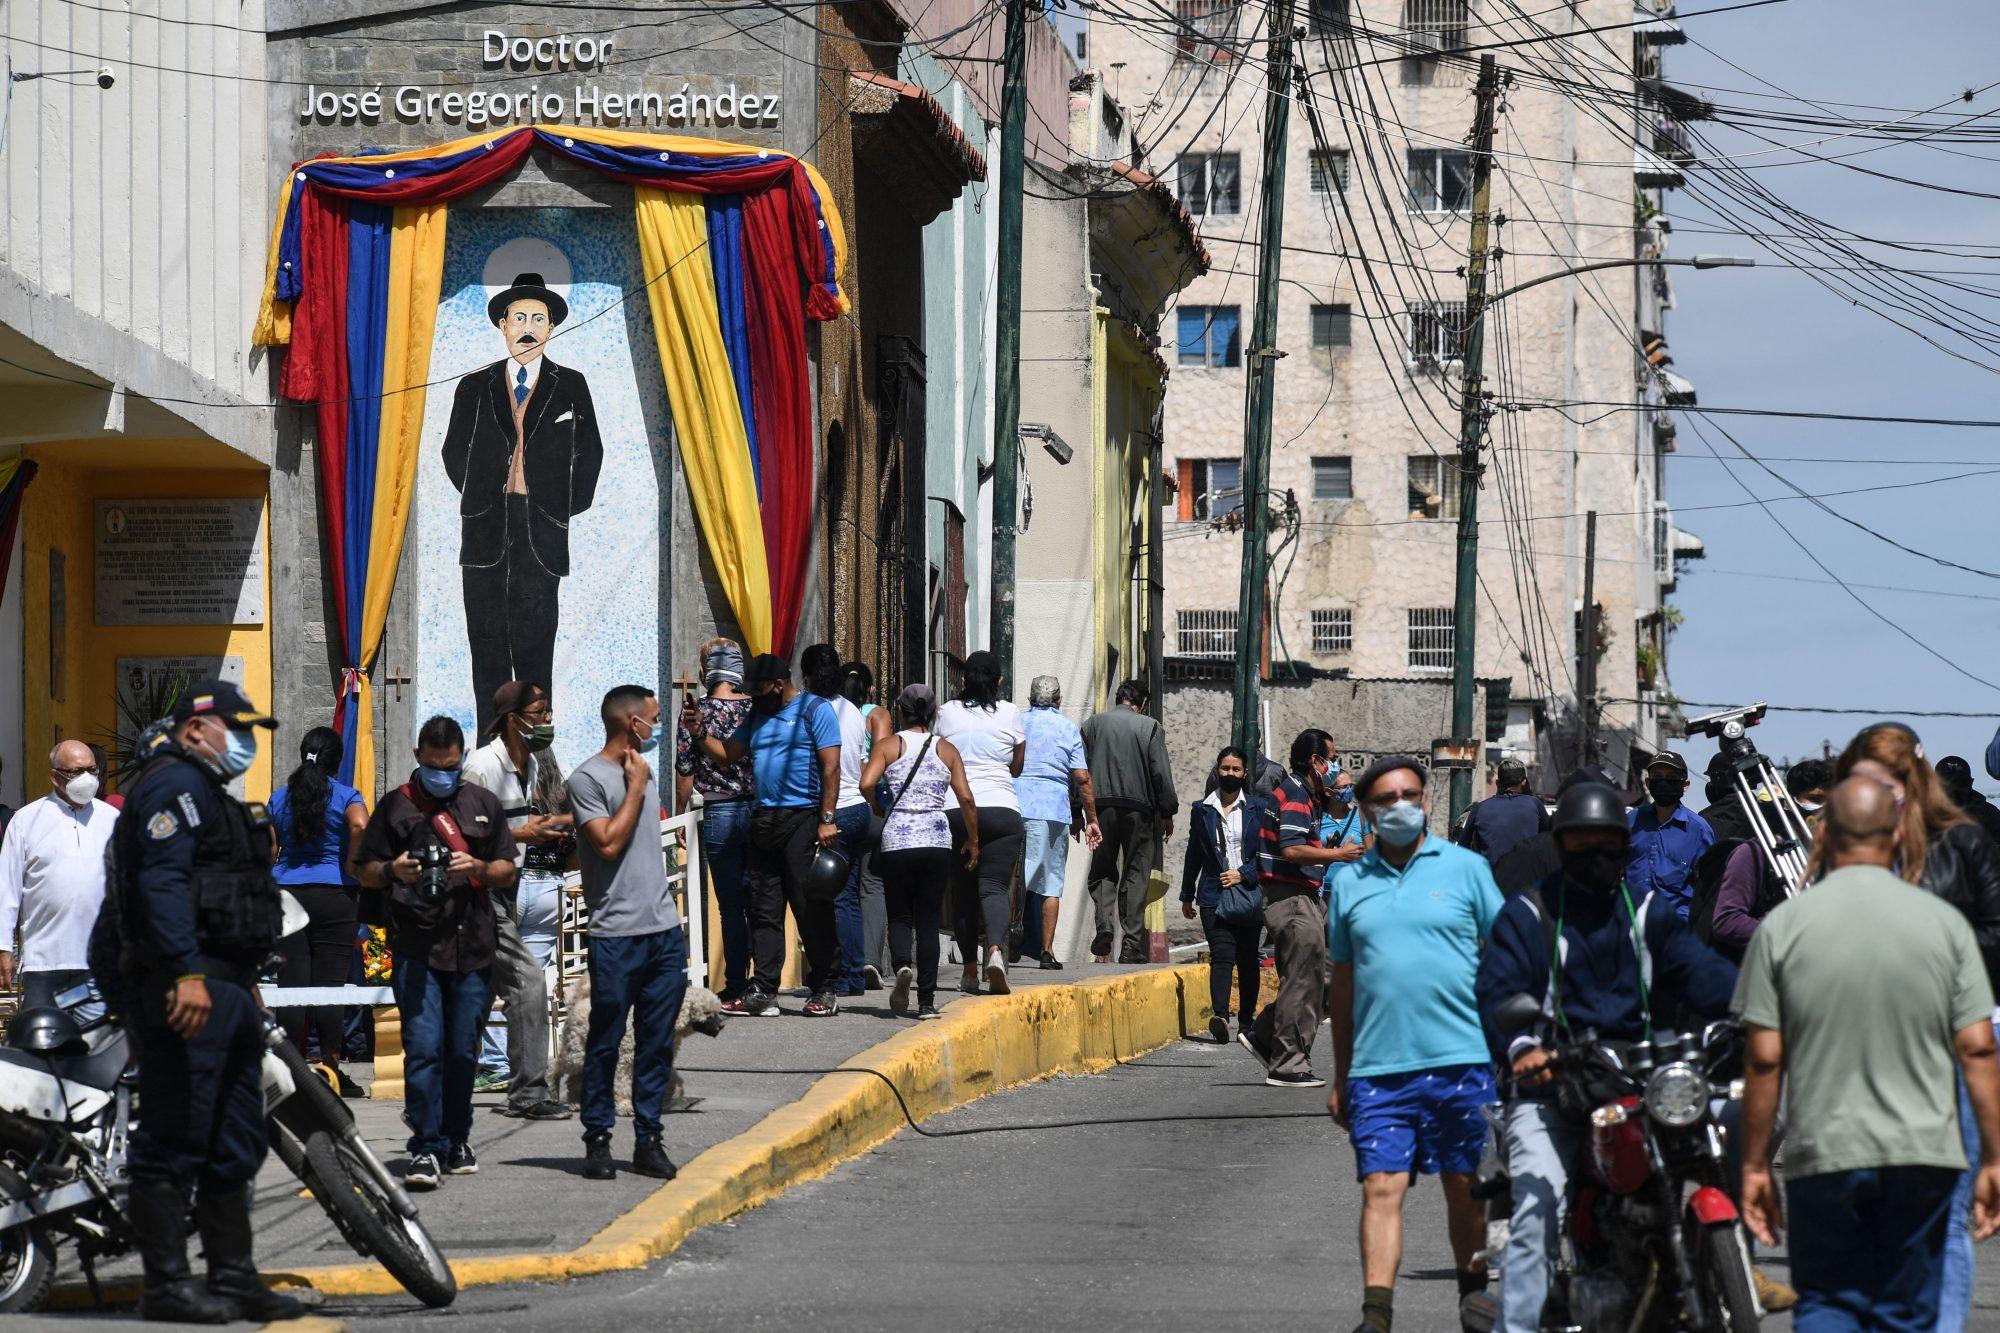 Jose Gregorio Hernandez beatificacion